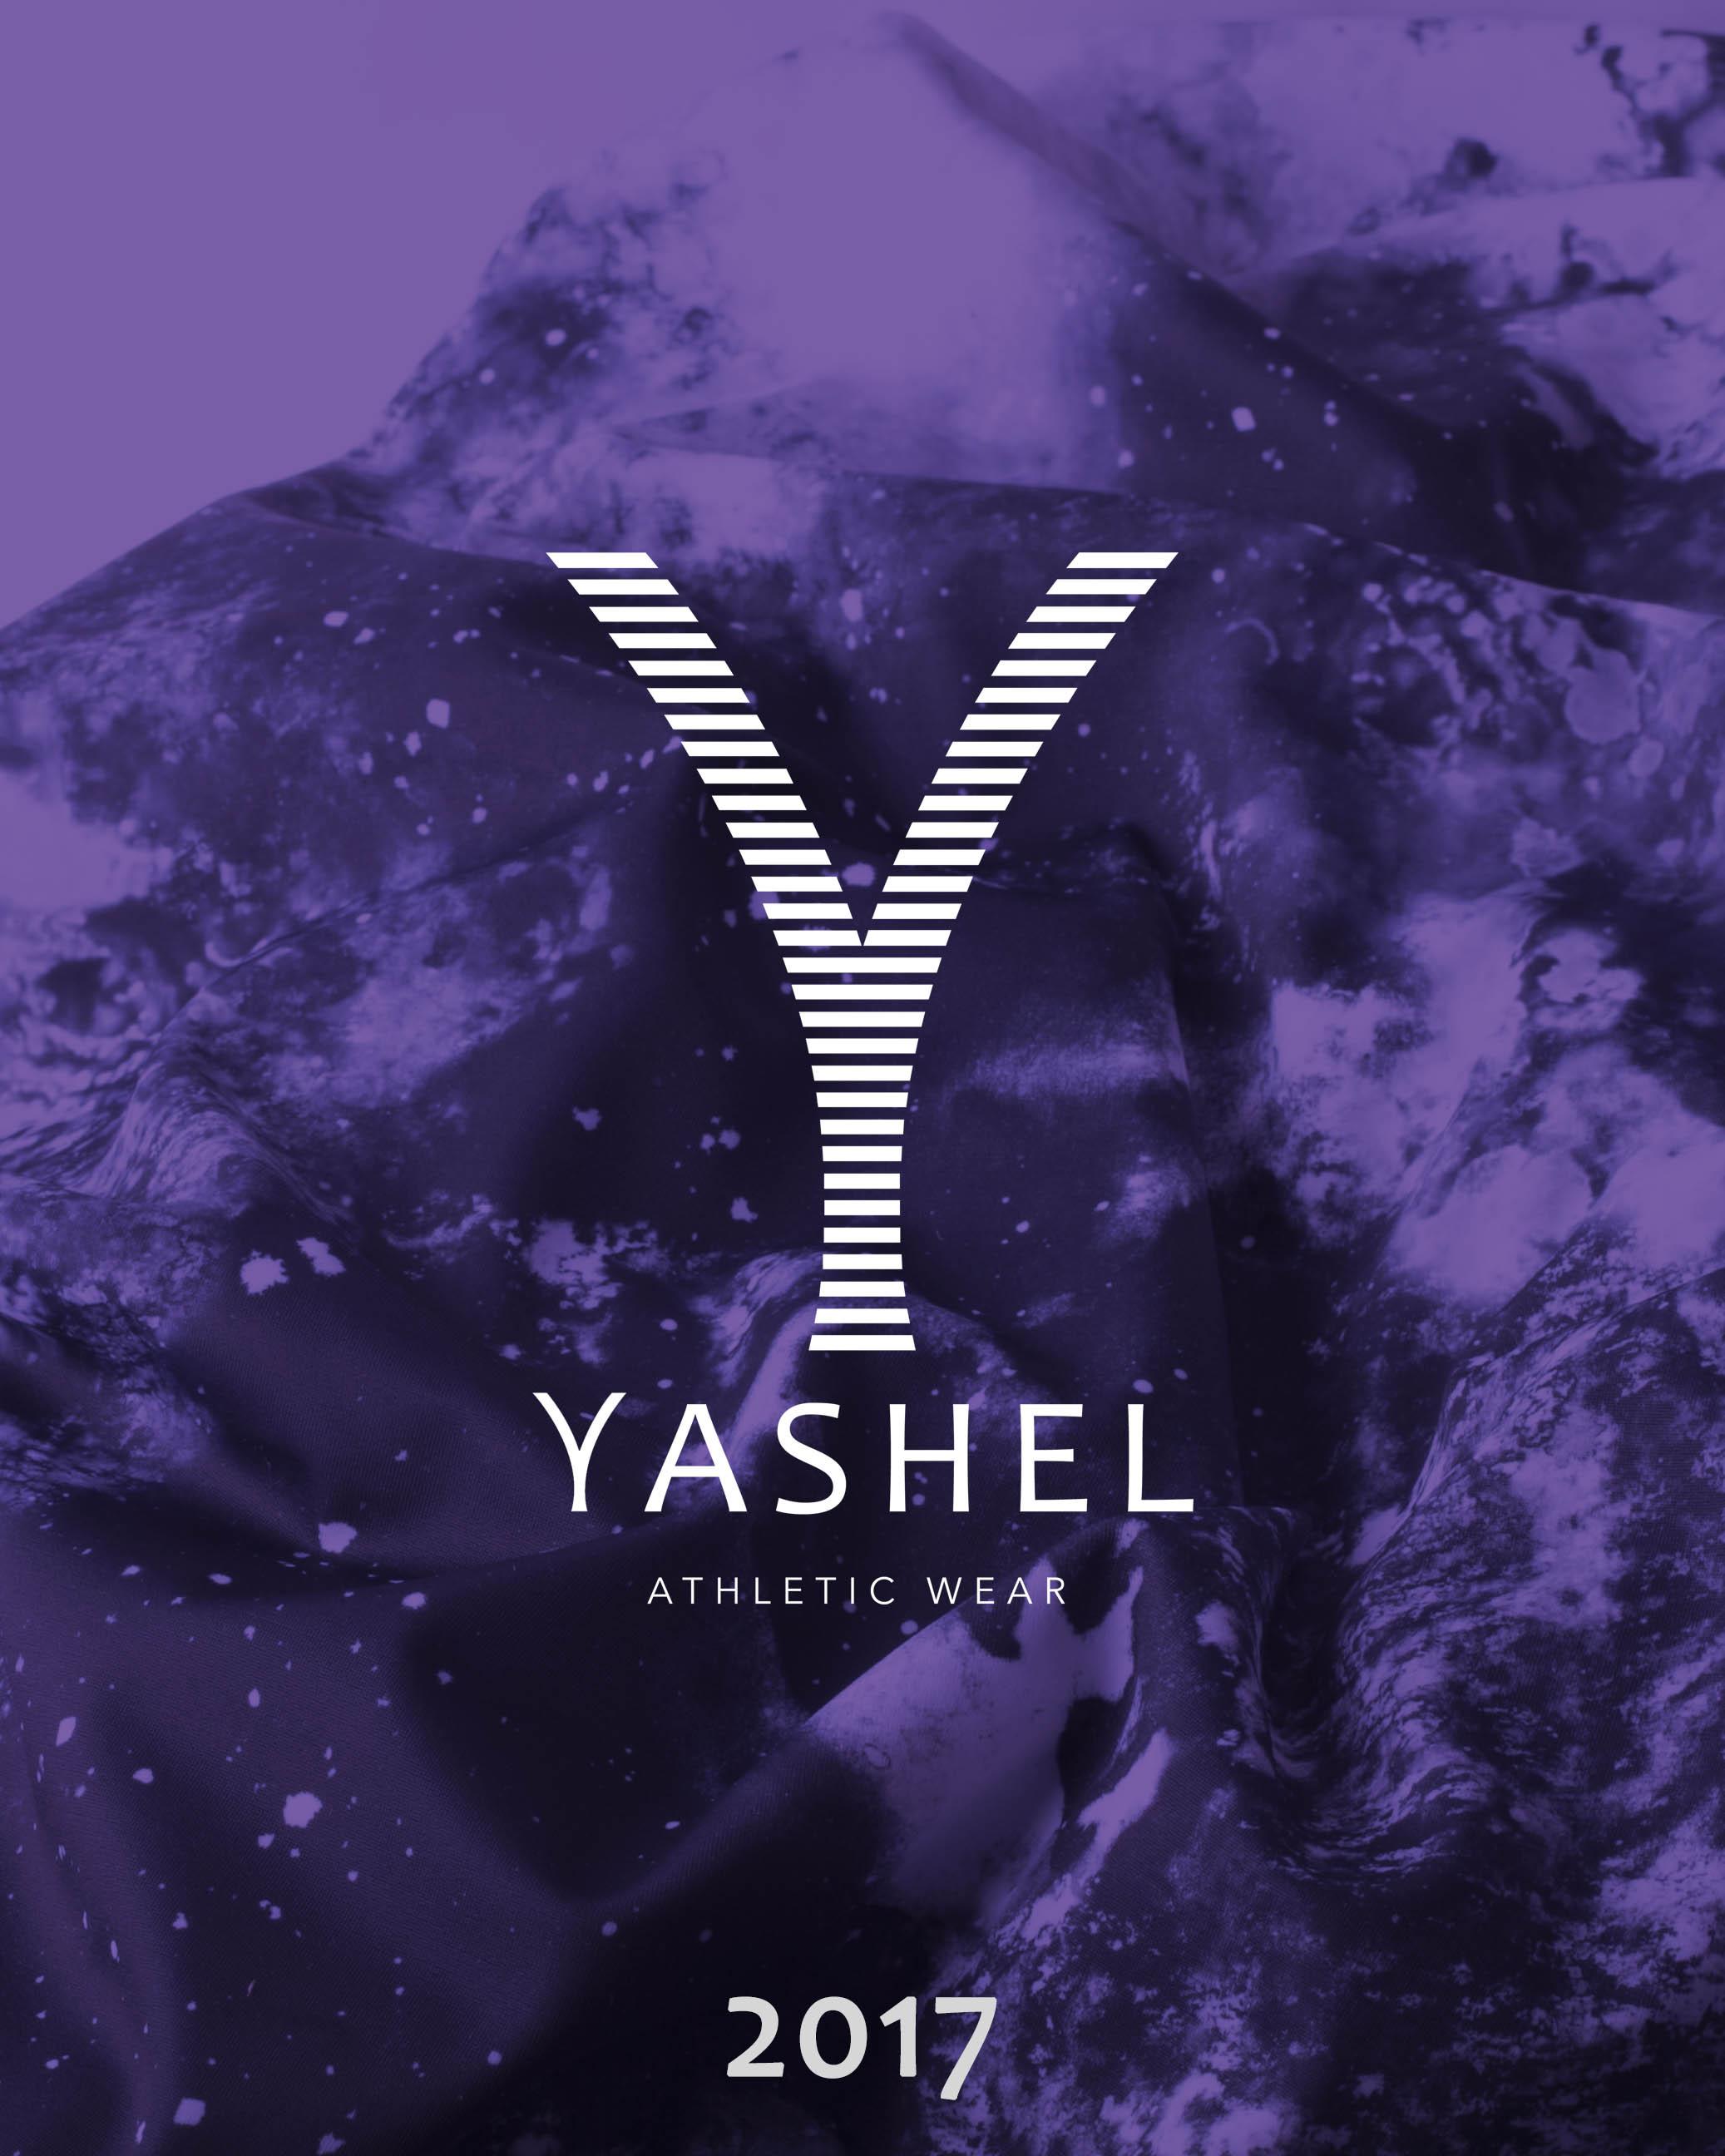 Yashel Athletic Wear.jpg